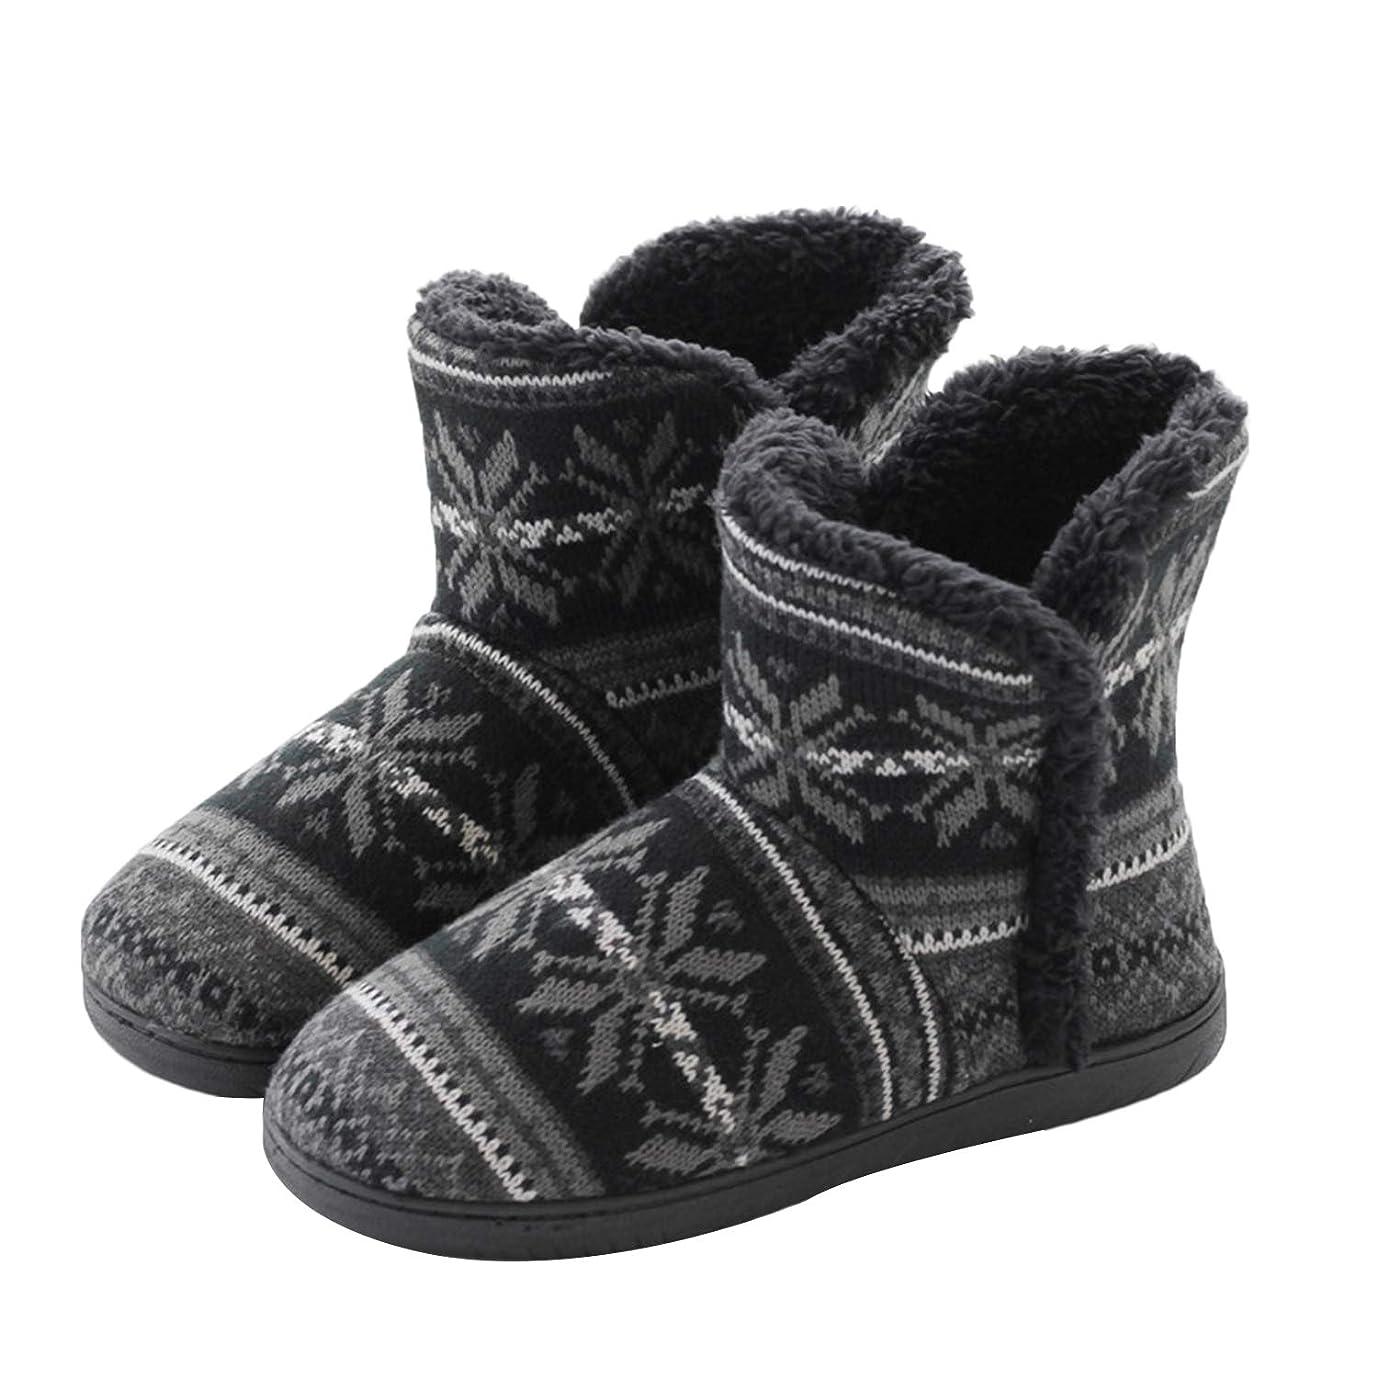 作曲する空スーダン[LYING] ルームブーツ レディース メンズ 冬 もこもこ 防寒 無地 ルームシューズ 裏ボア あったか 滑り止め 静音 室内履き アウトドア 雪遊び かかと付きスリッパ 綿靴 男女兼用 おしゃれ カップルスリッパ 厚底 洗える 23.5-26cm